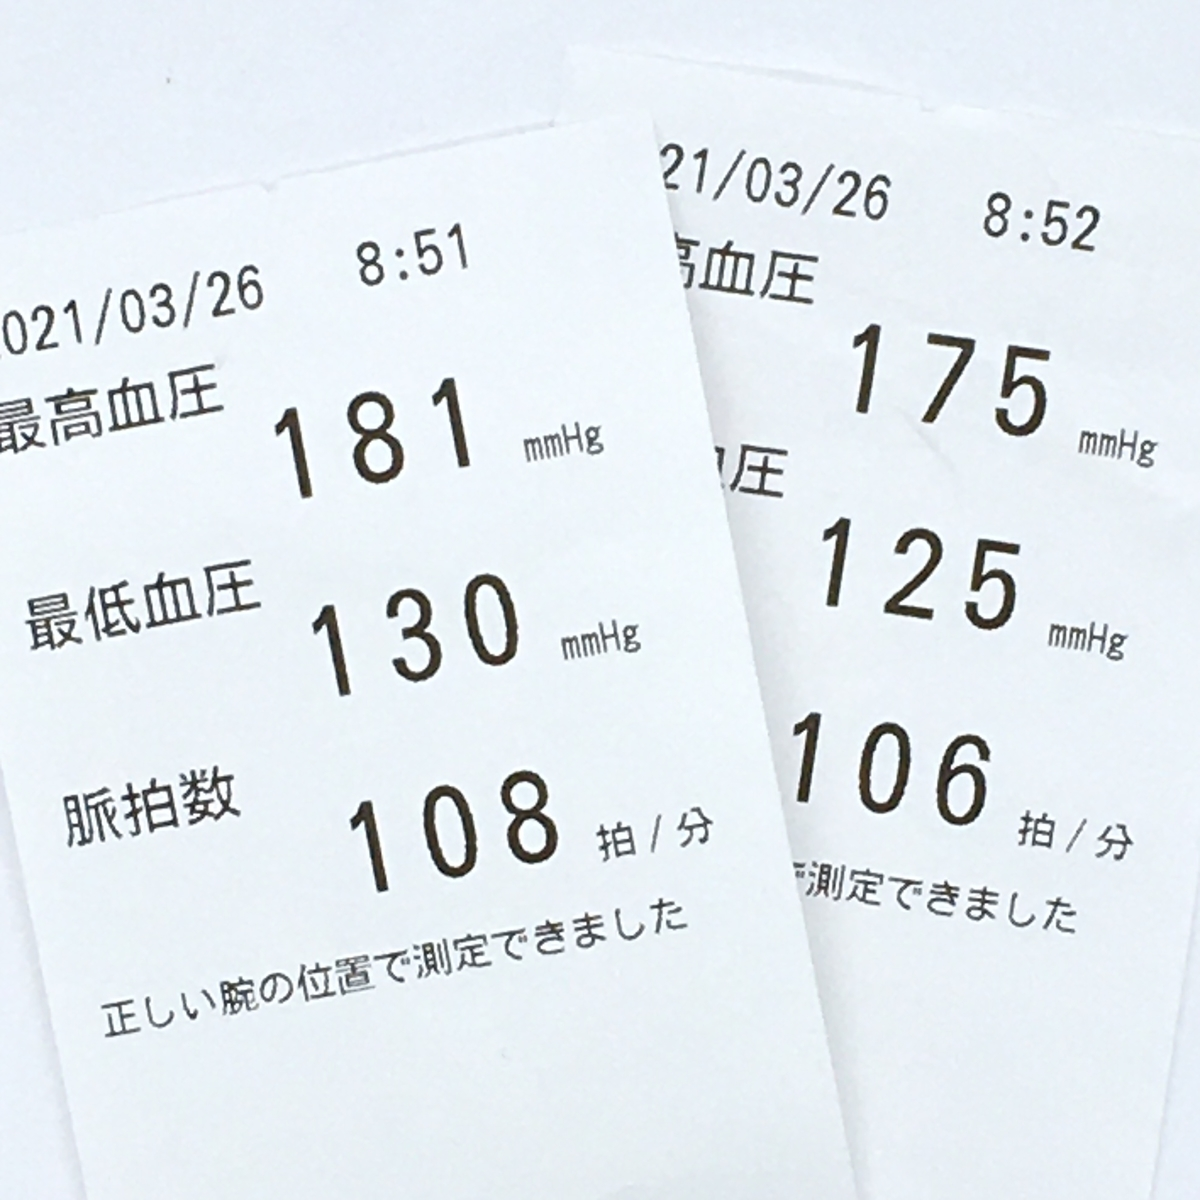 未桃みもが2021年3月26日に大学病院で2回測定した血圧の結果